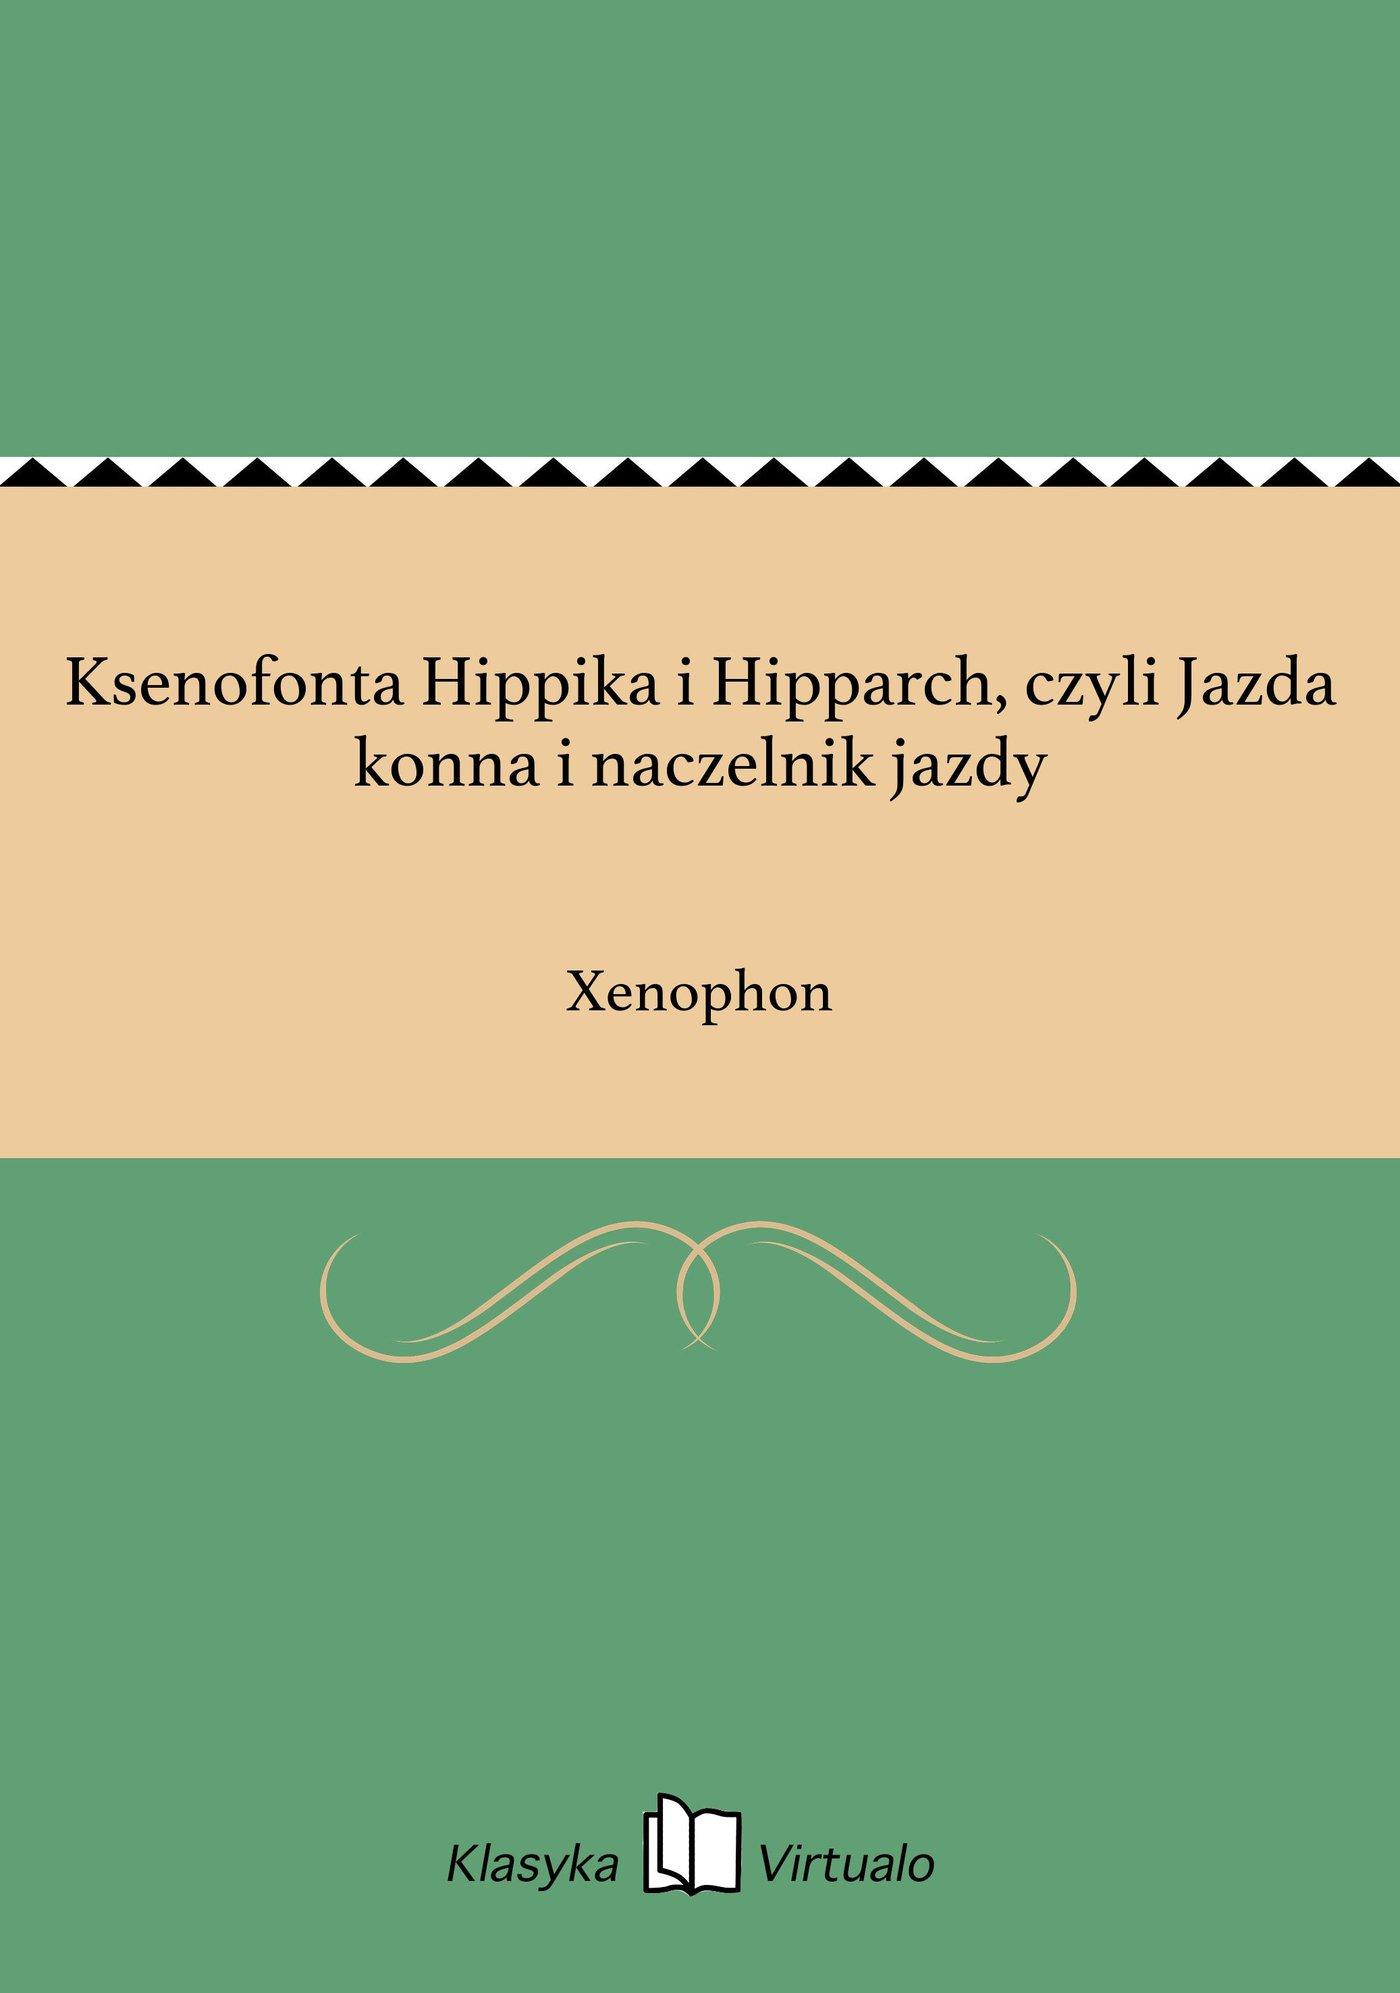 Ksenofonta Hippika i Hipparch, czyli Jazda konna i naczelnik jazdy - Ebook (Książka EPUB) do pobrania w formacie EPUB